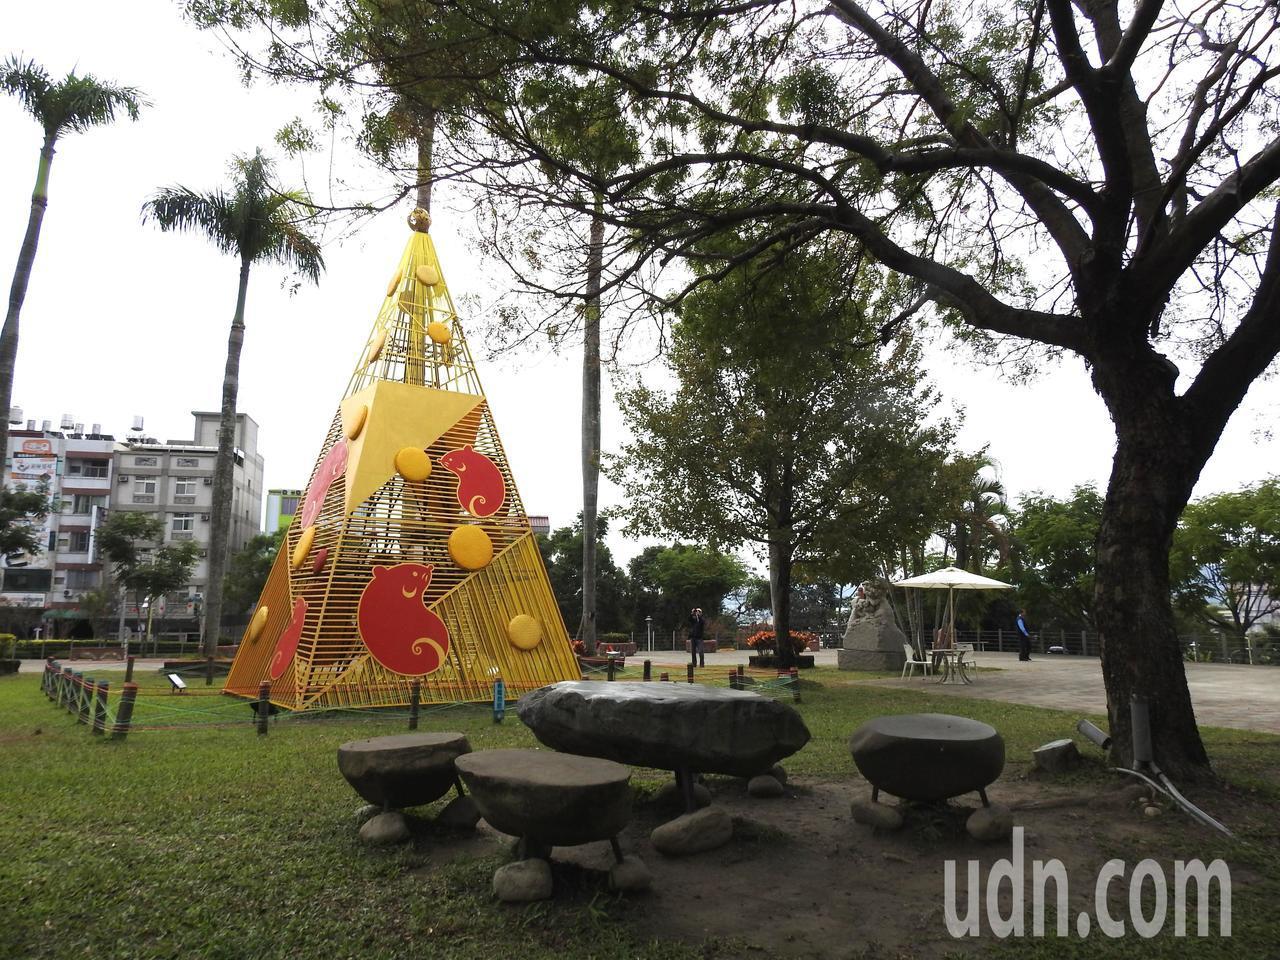 台灣工藝研究發展中心以「偷吃起司的小鼠群」為意象,以竹木打造5米高聖誕樹,8日聖...